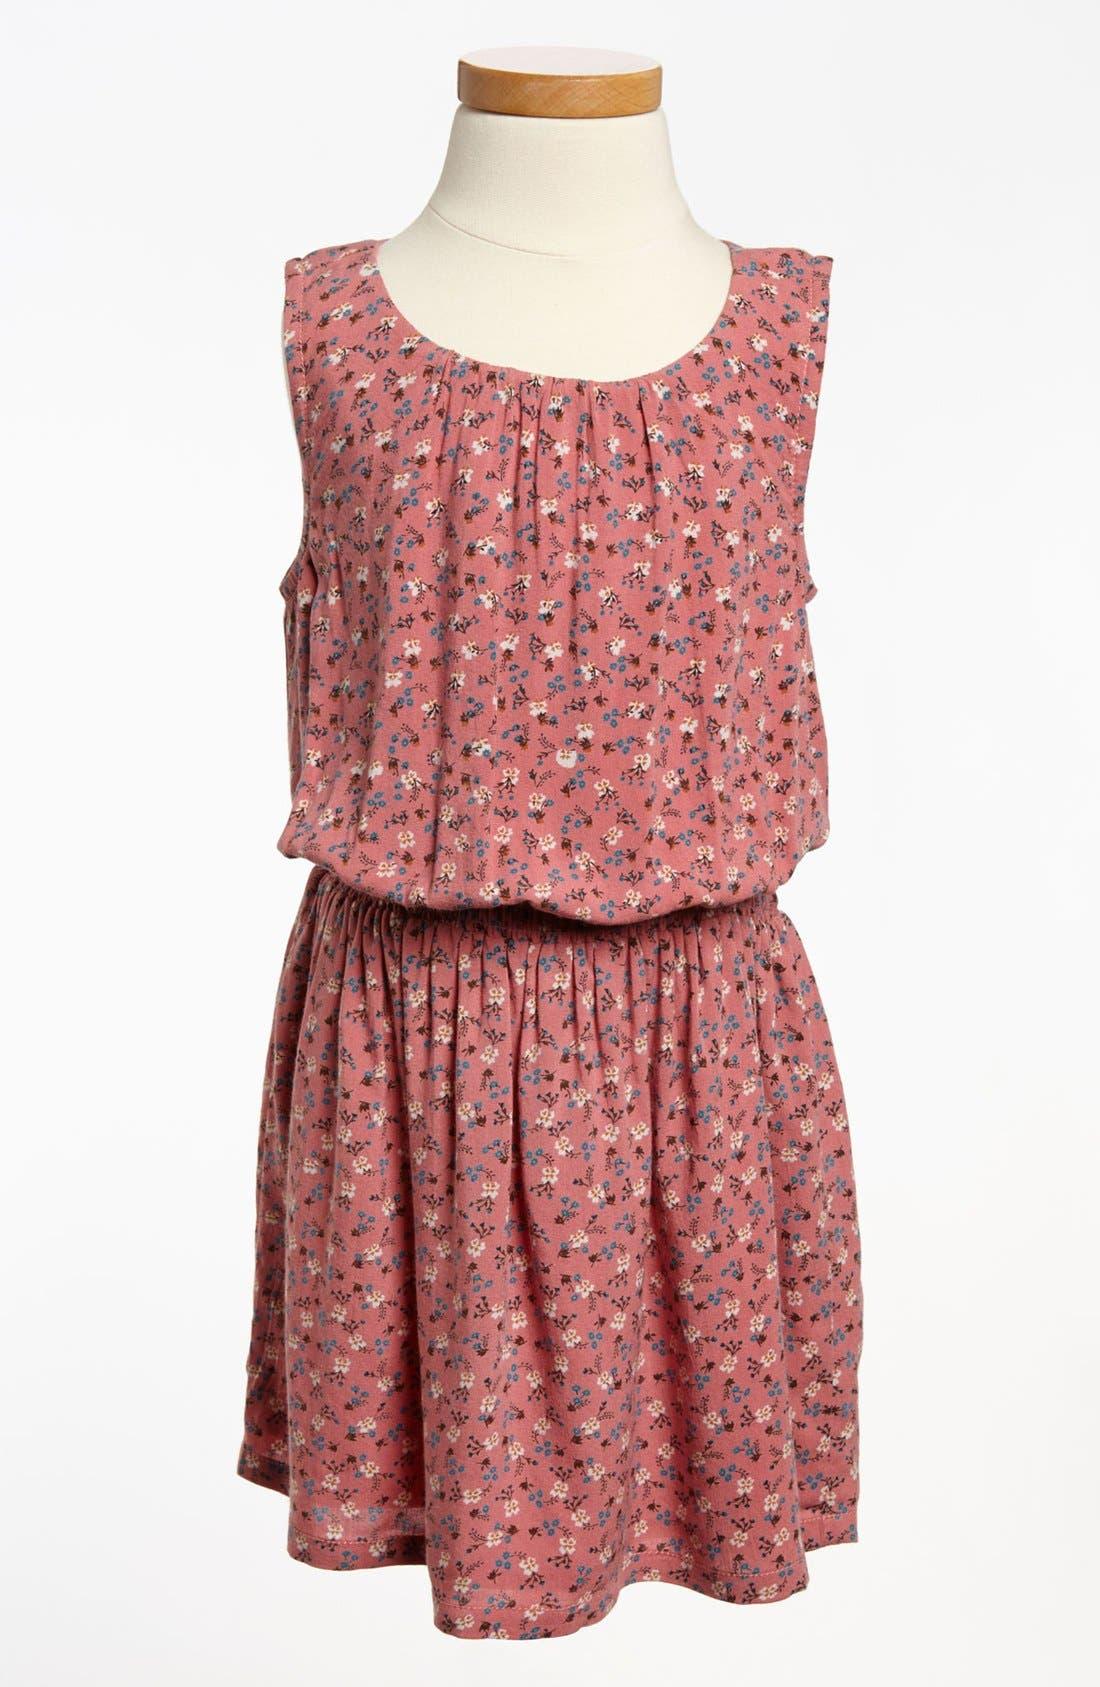 Alternate Image 1 Selected - Tucker + Tate 'Andrea' Dress (Little Girls & Big Girls)